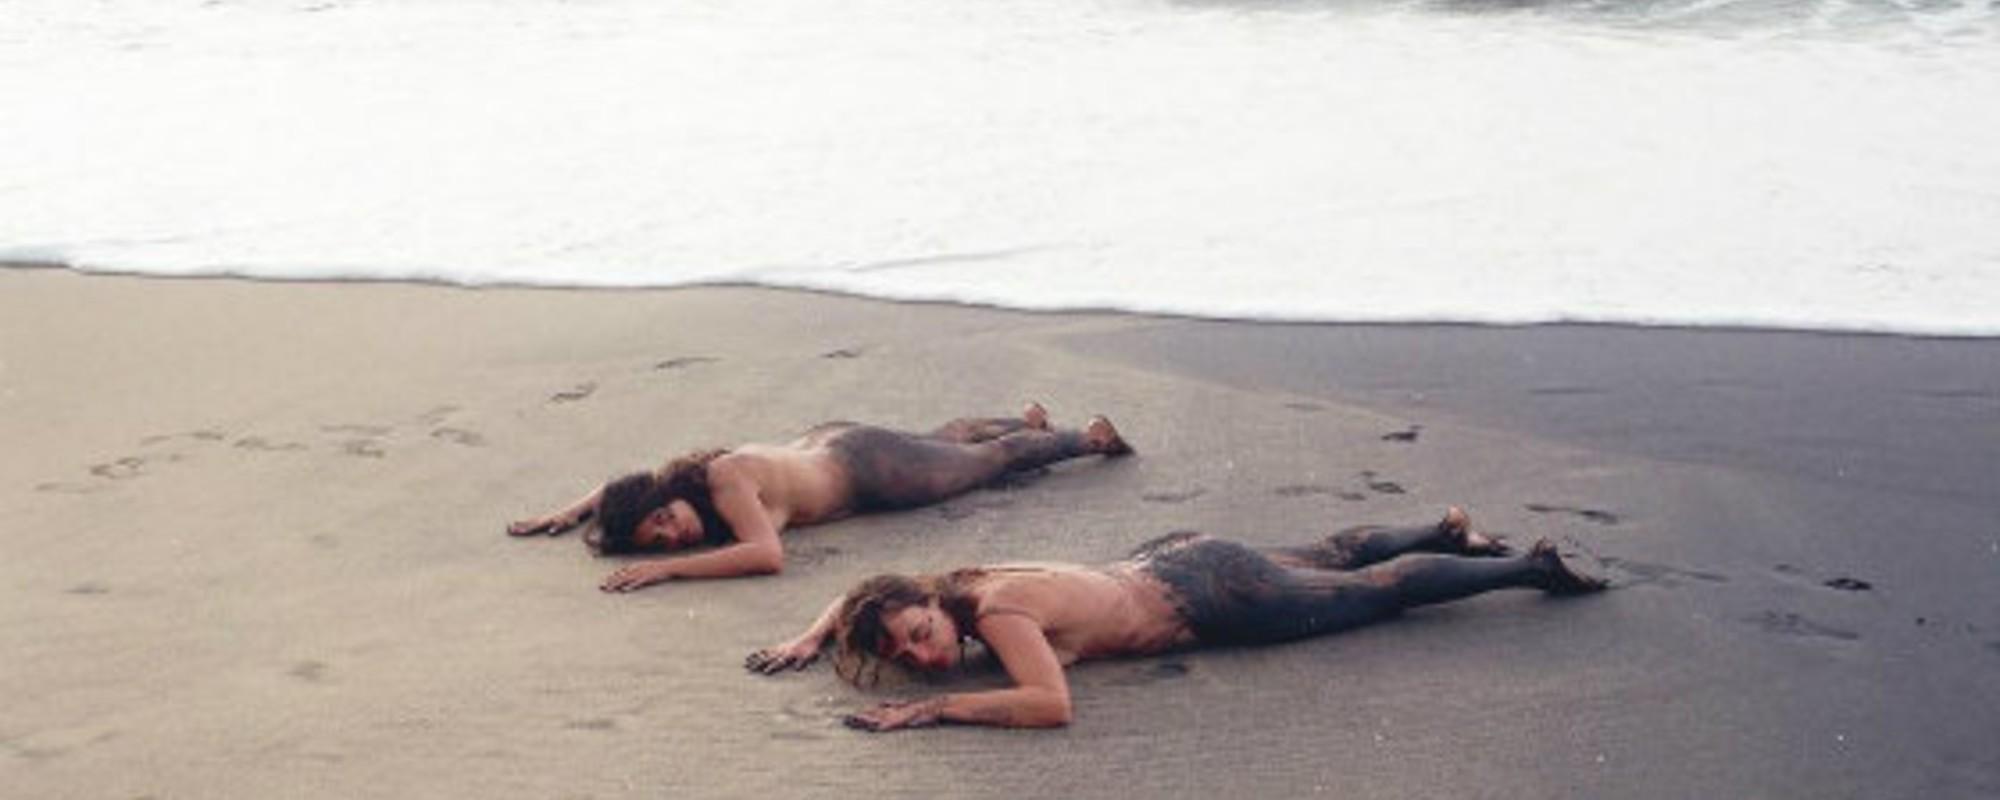 Fotografiile astea cu nuditate și nisip îți arată cum corpul tău poate fi operă de artă